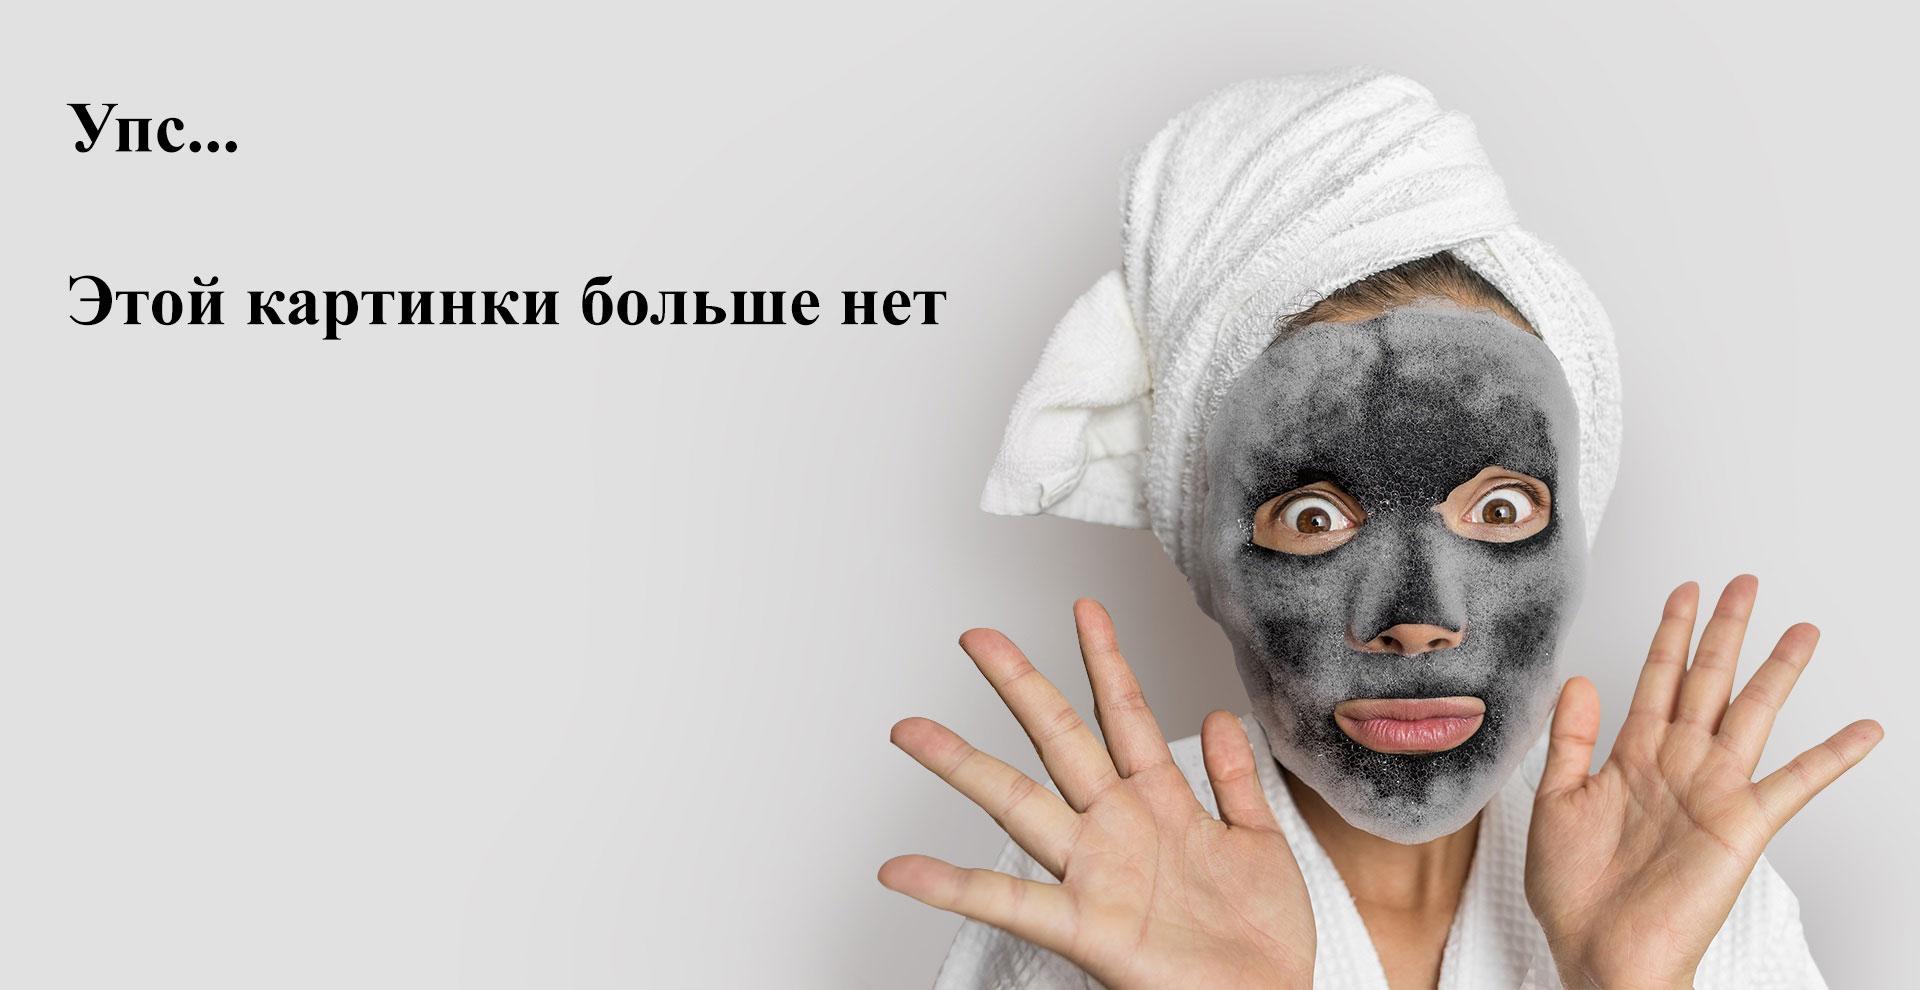 KrasotkaPro, Простыня одноразовая «Эконом» белая, 200х80 см, 50 шт.